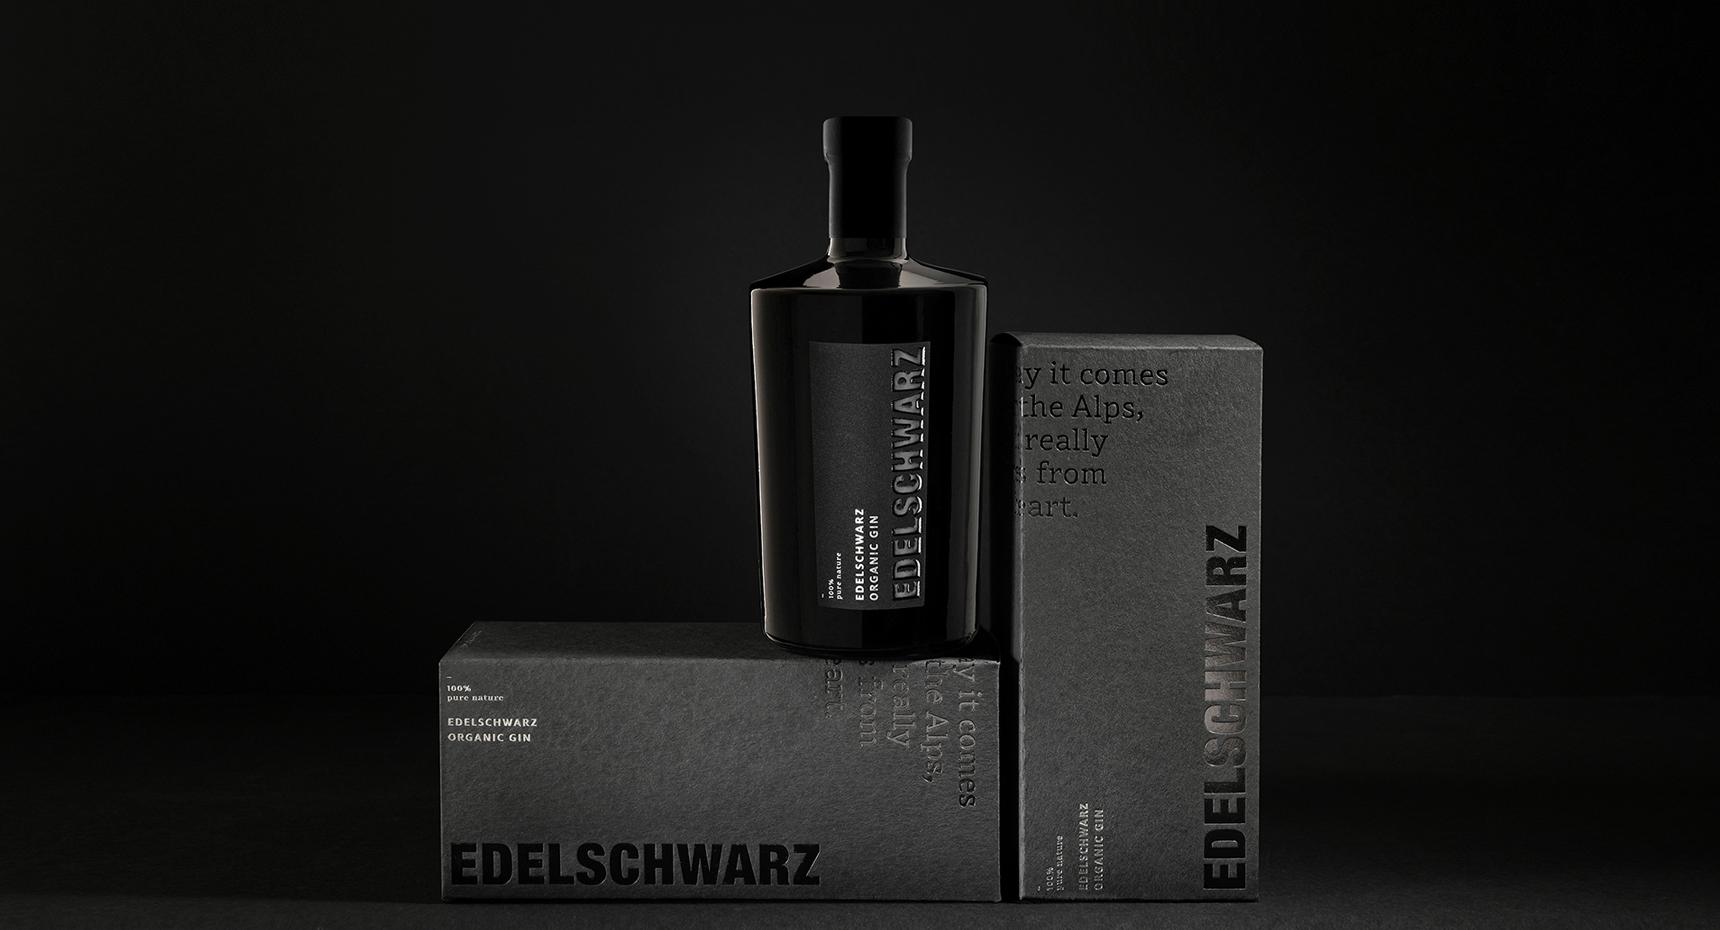 Edelschwarz Organic London Dry Gin by Gompmalm